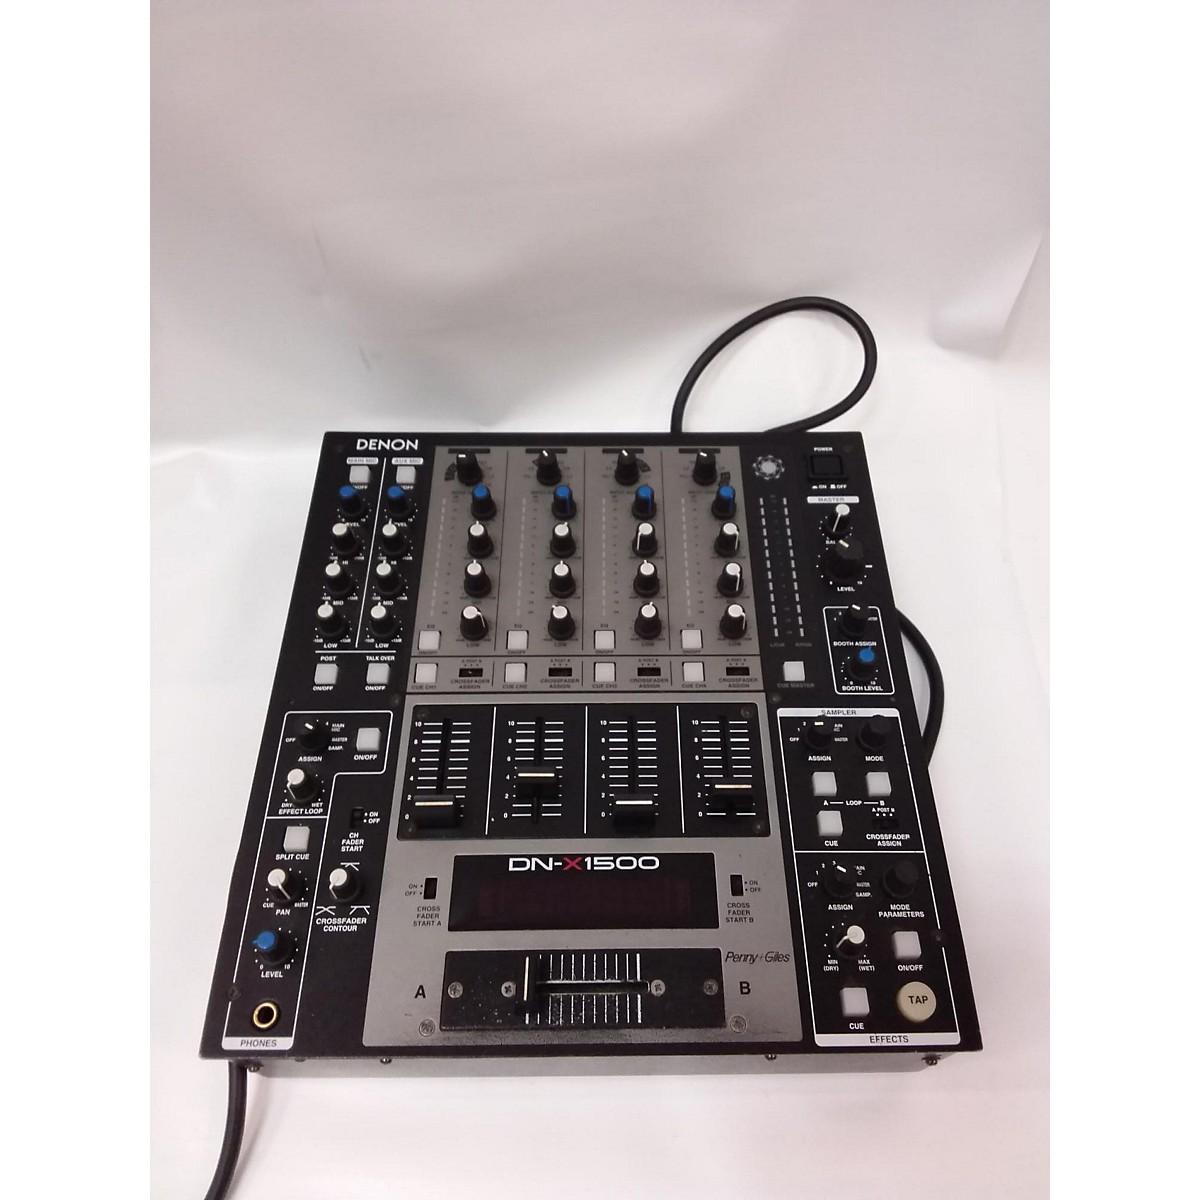 Denon DN-X1500 DJ Mixer